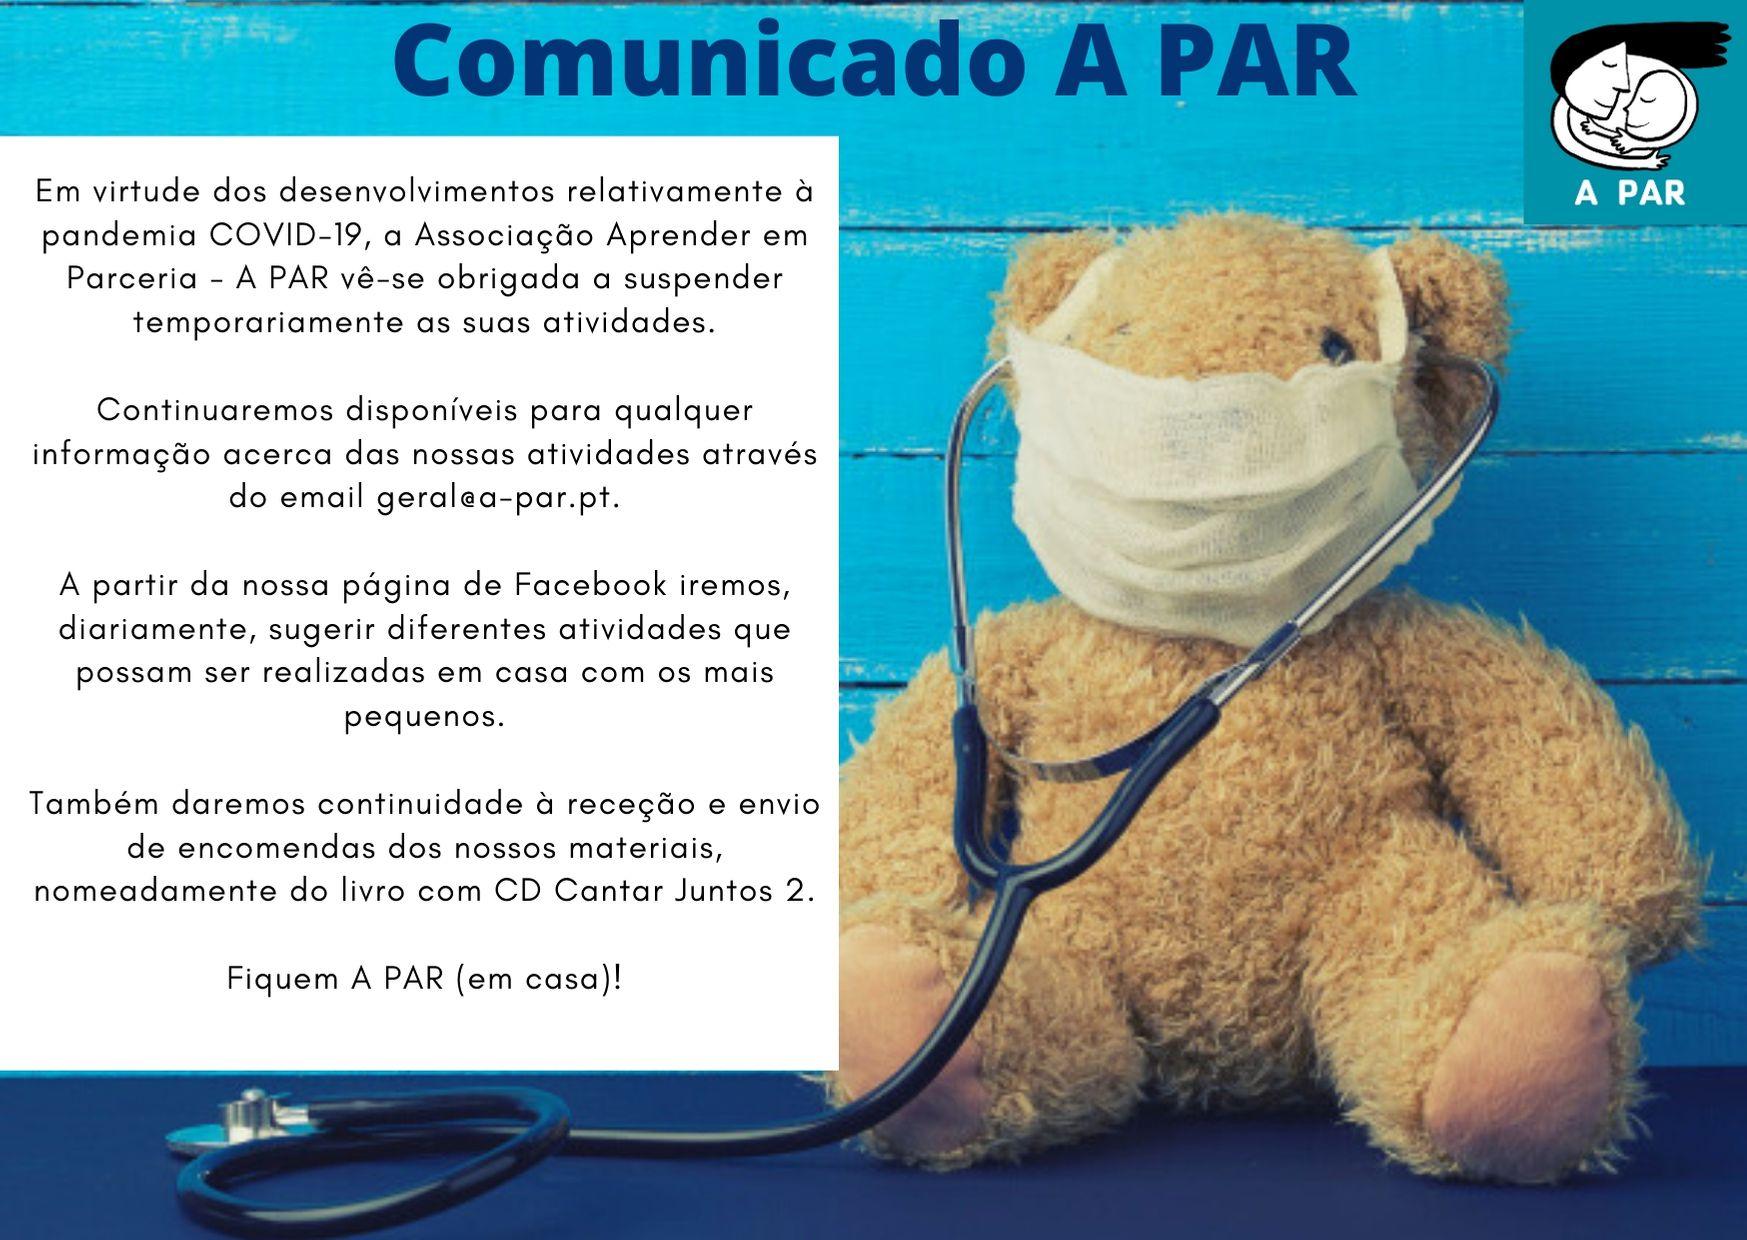 Comunicado A PAR